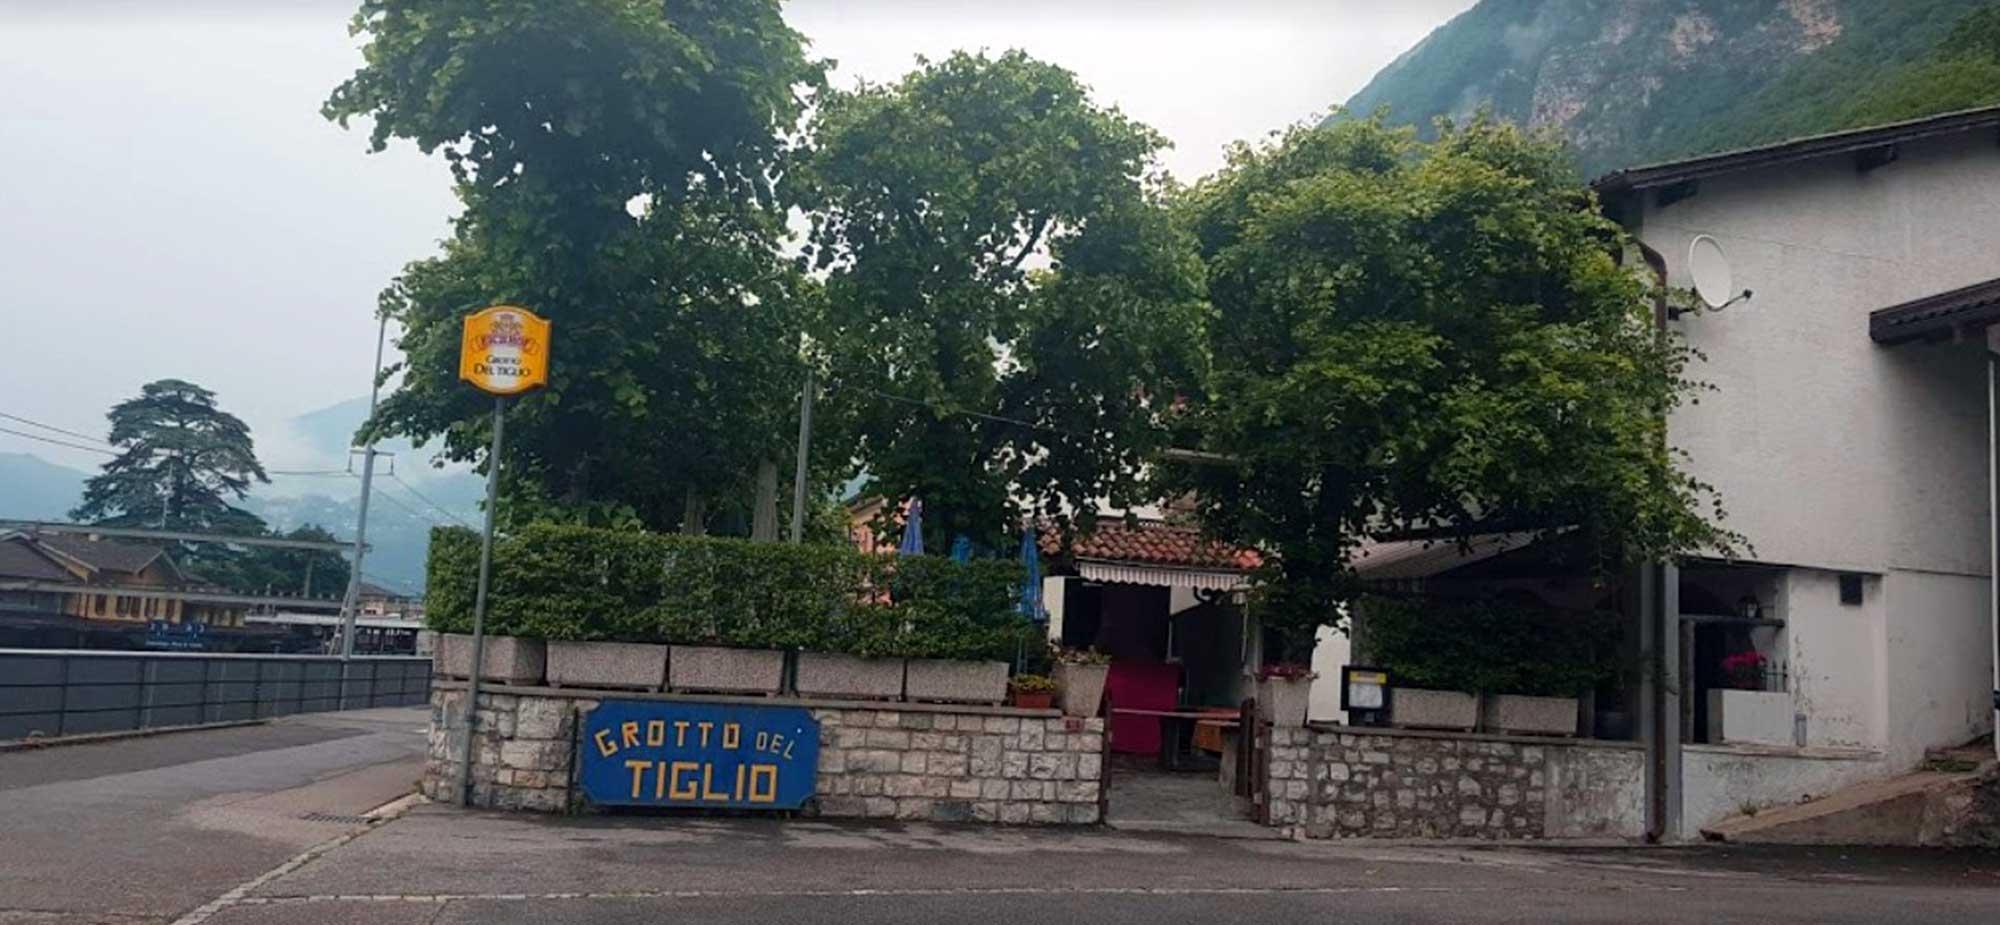 Grotto San Martino Mendrisio